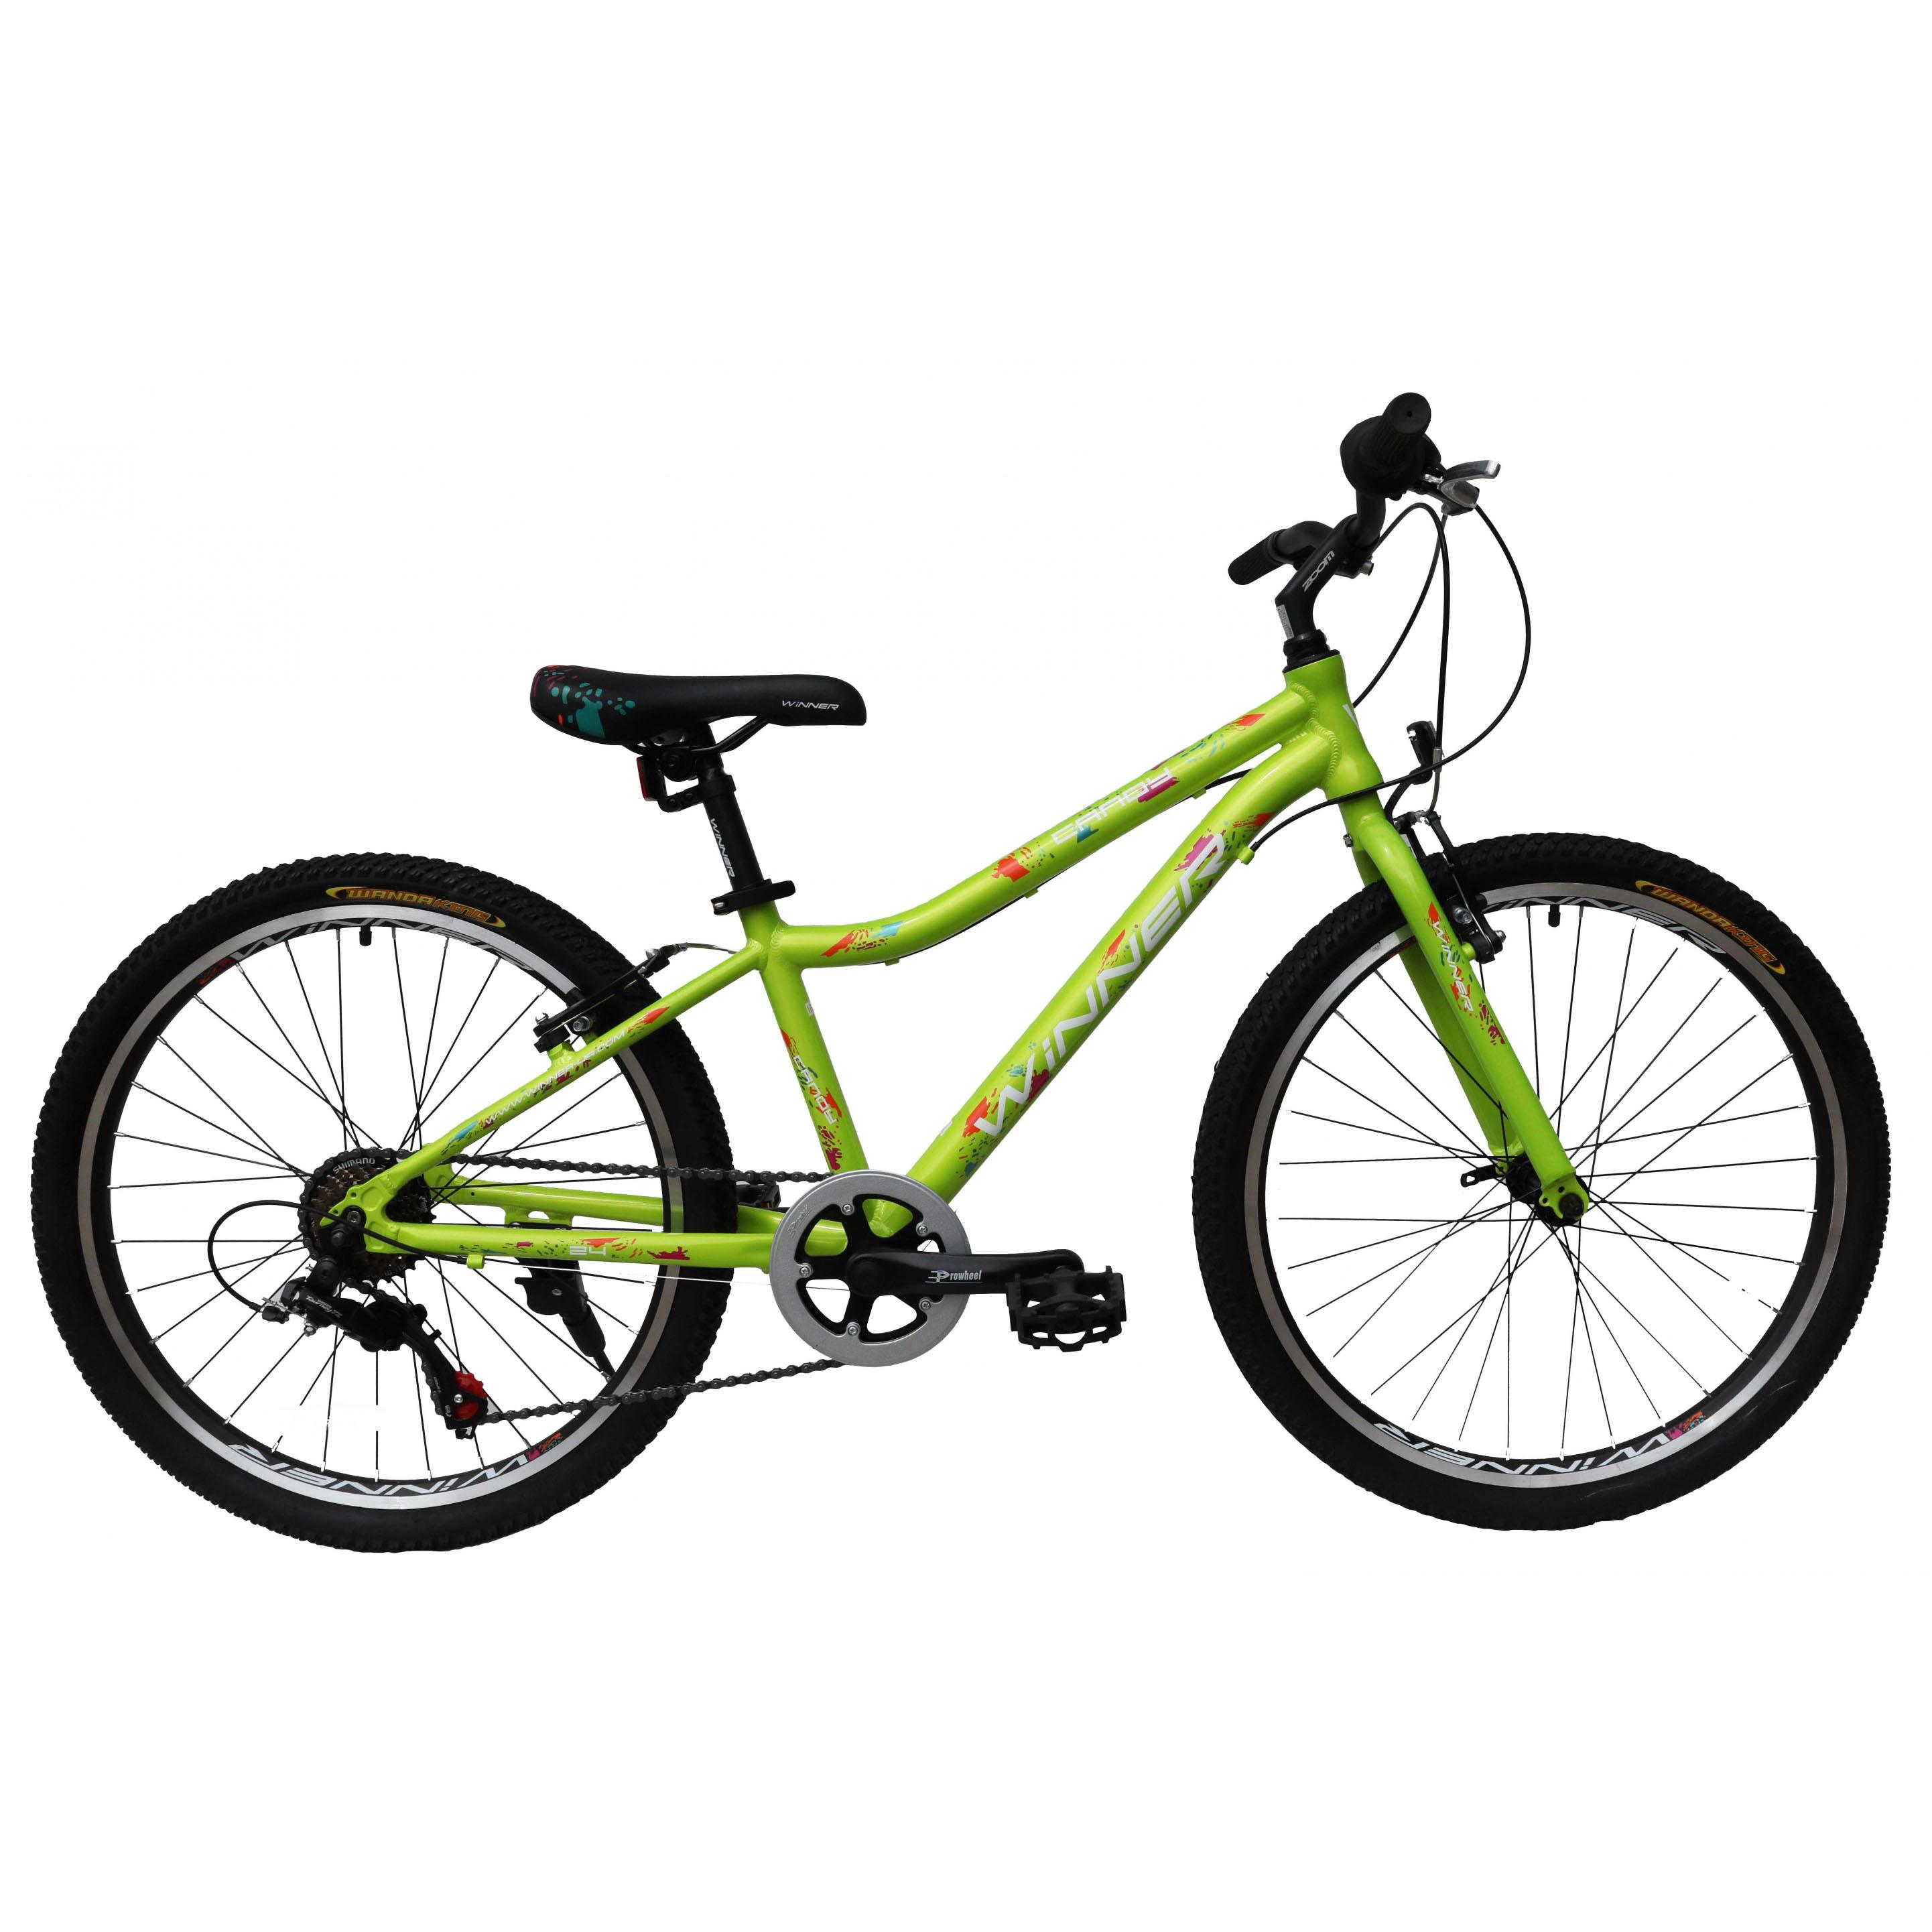 Фото Подростковый Велосипед Winner 24″ CANDY 13″ (зеленый)